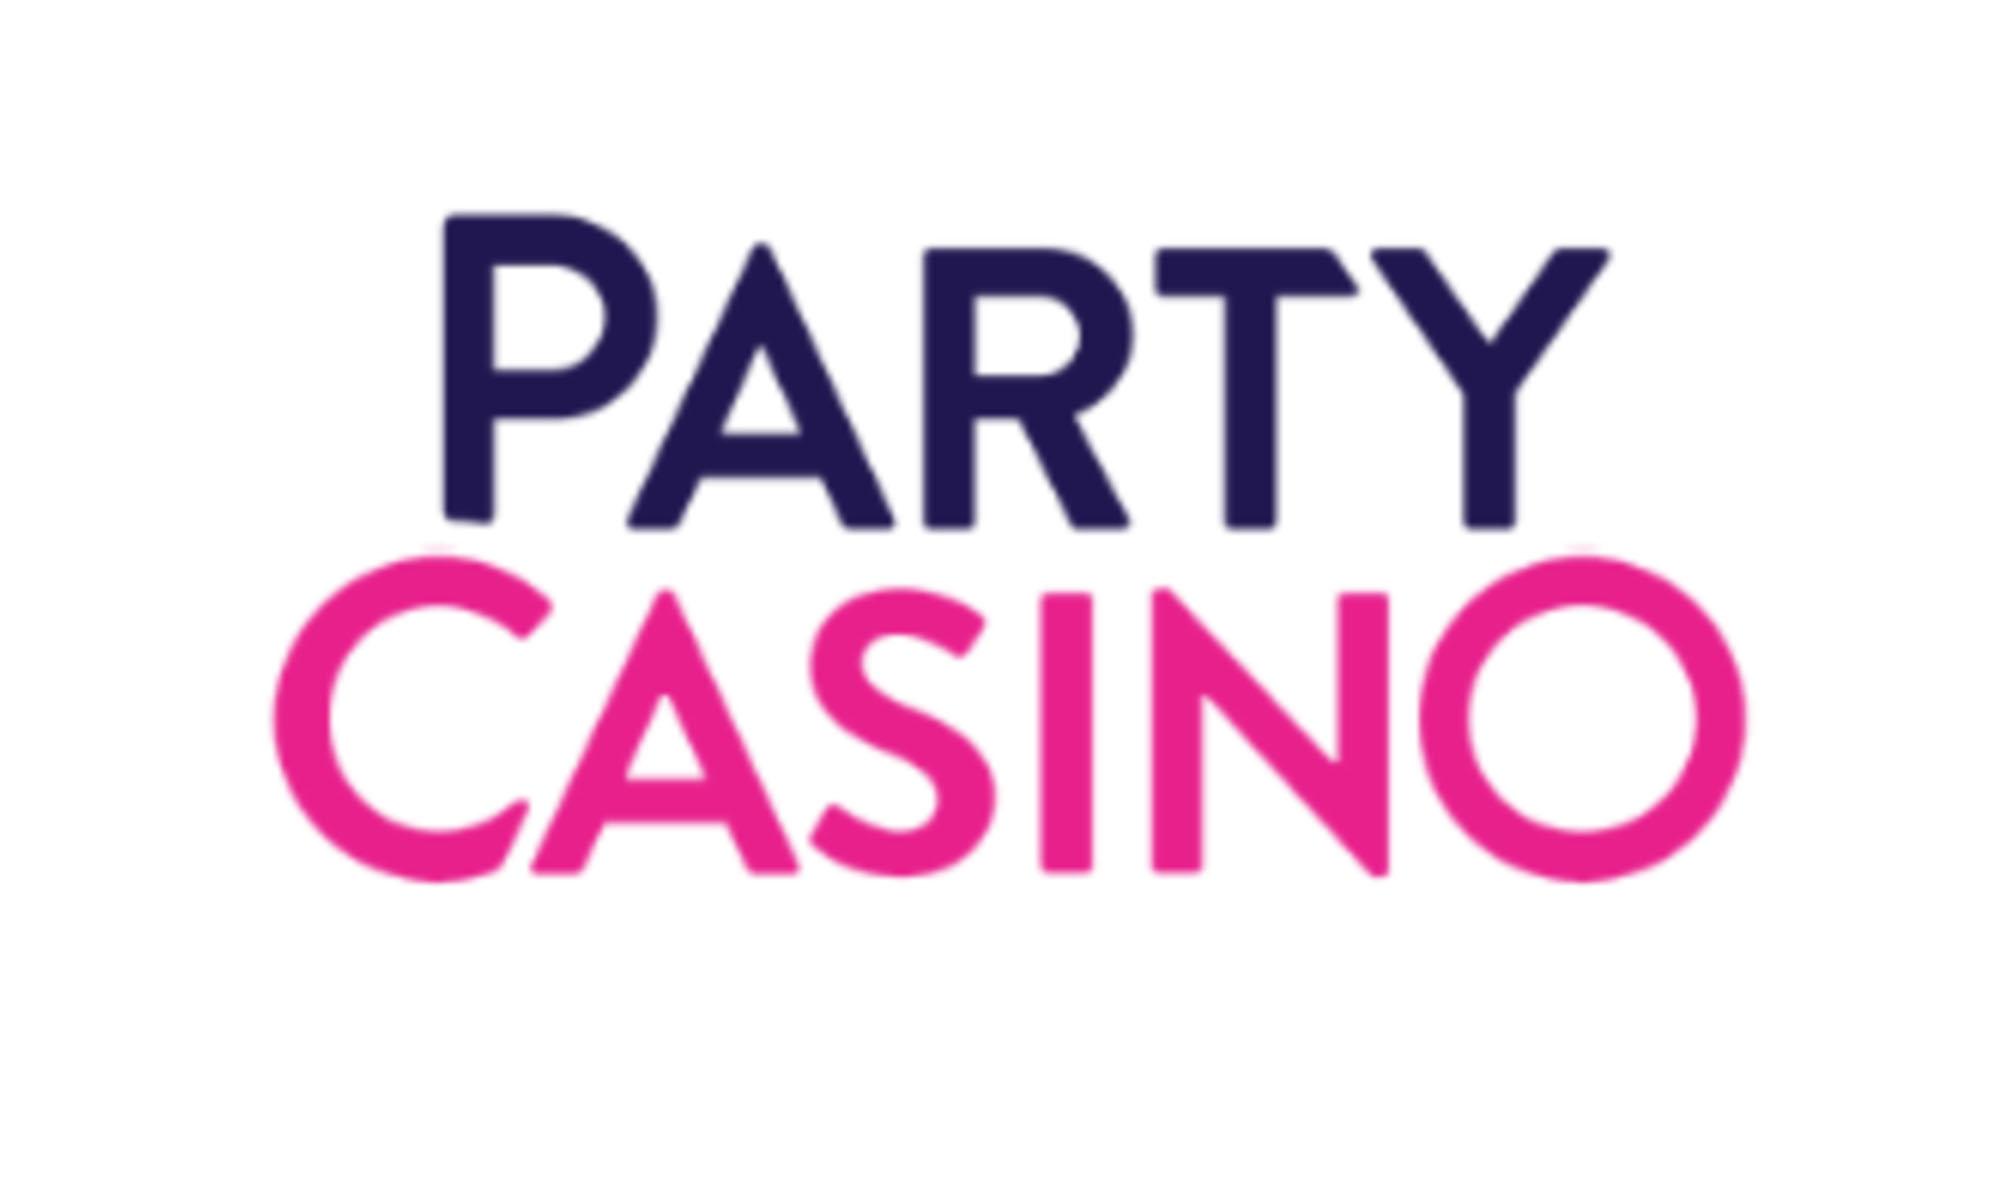 Party gaming casino pocono casino in pa